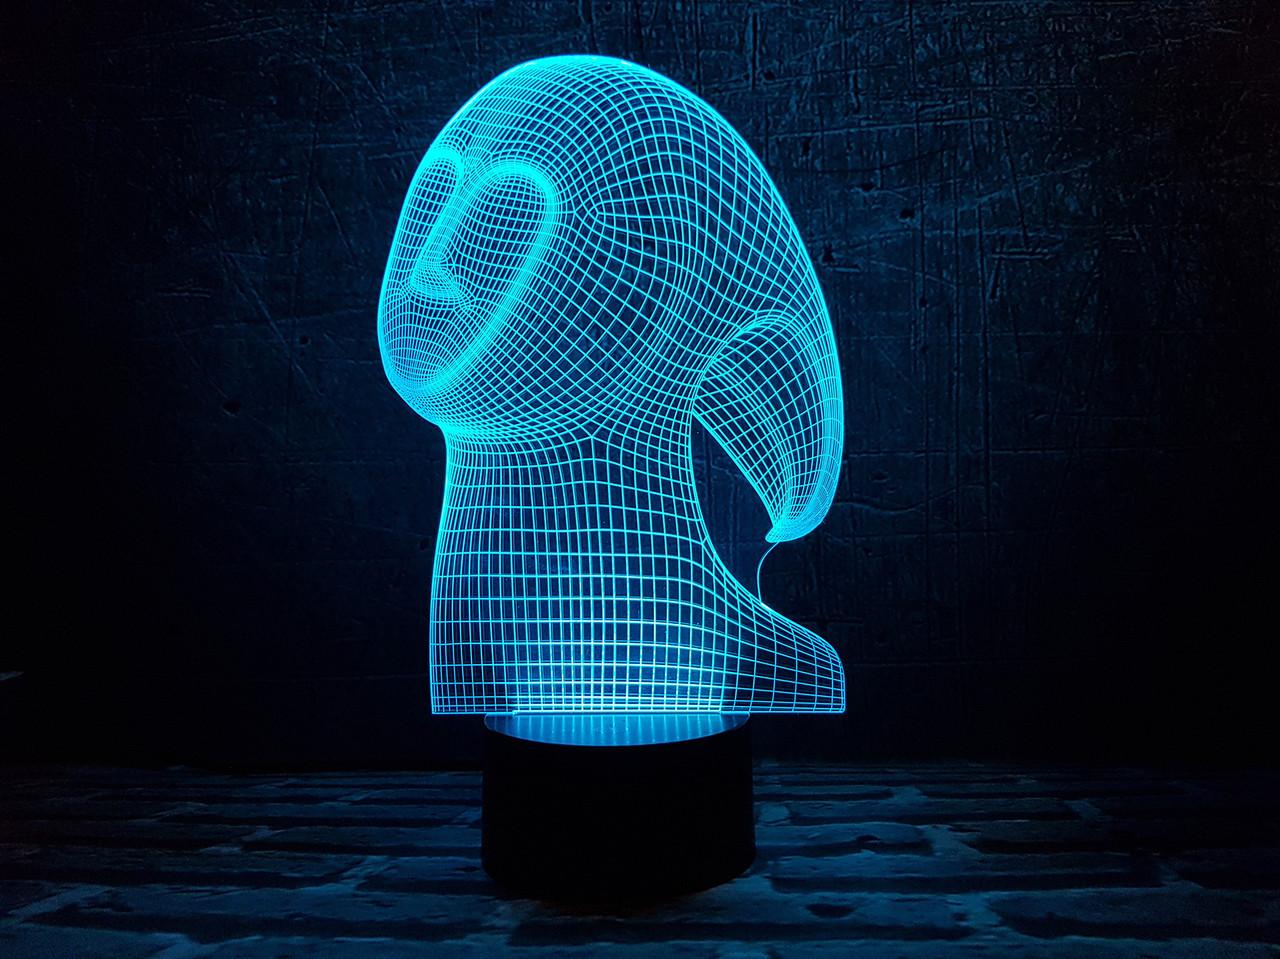 """Сменная пластина для 3D ночника """"Спирит"""" 3DTOYSLAMP"""